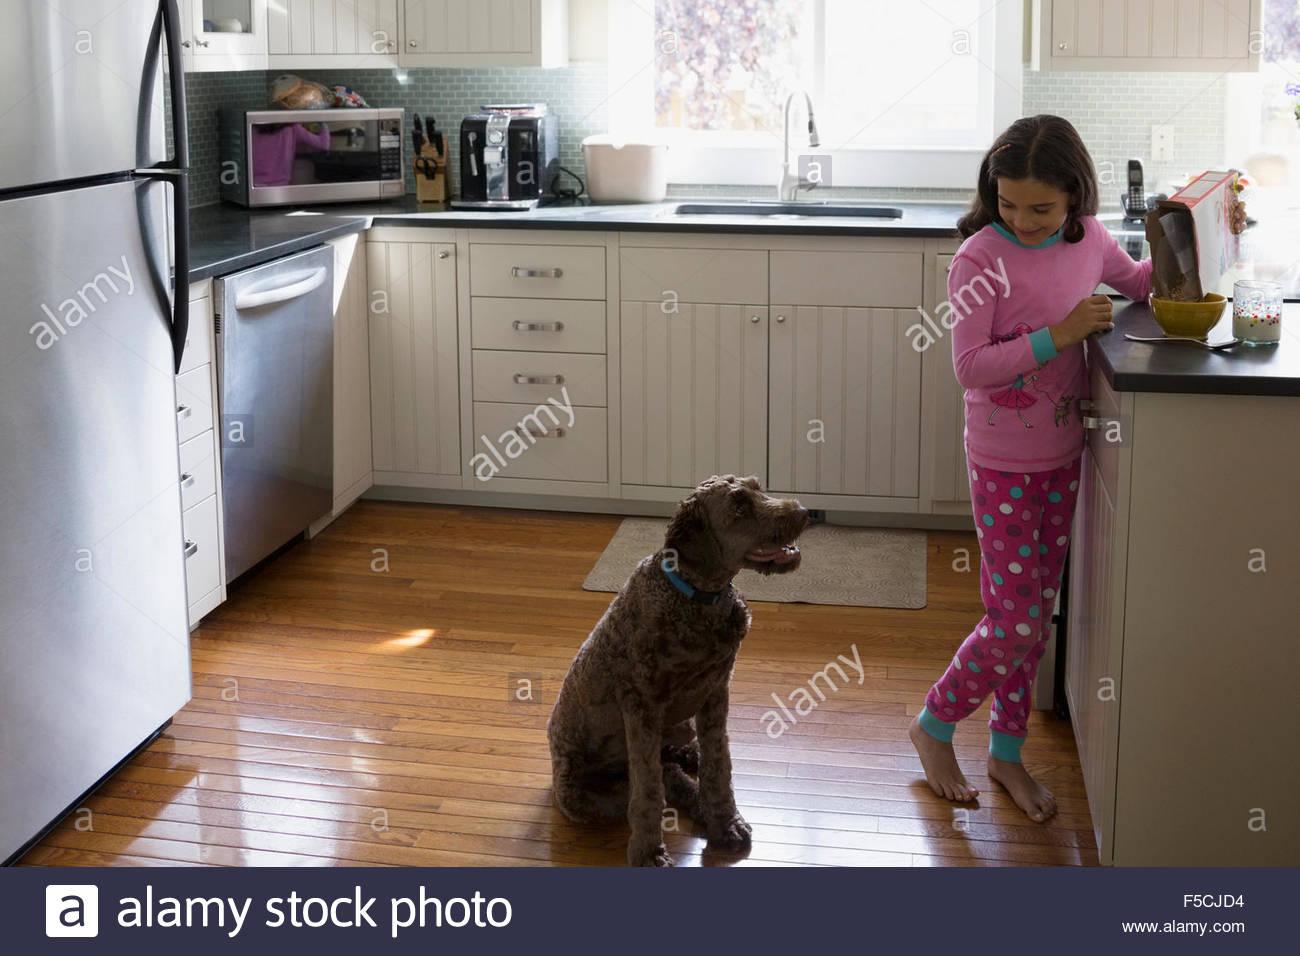 Hund beobachten Mädchen Gießen Getreide in Küche Stockbild